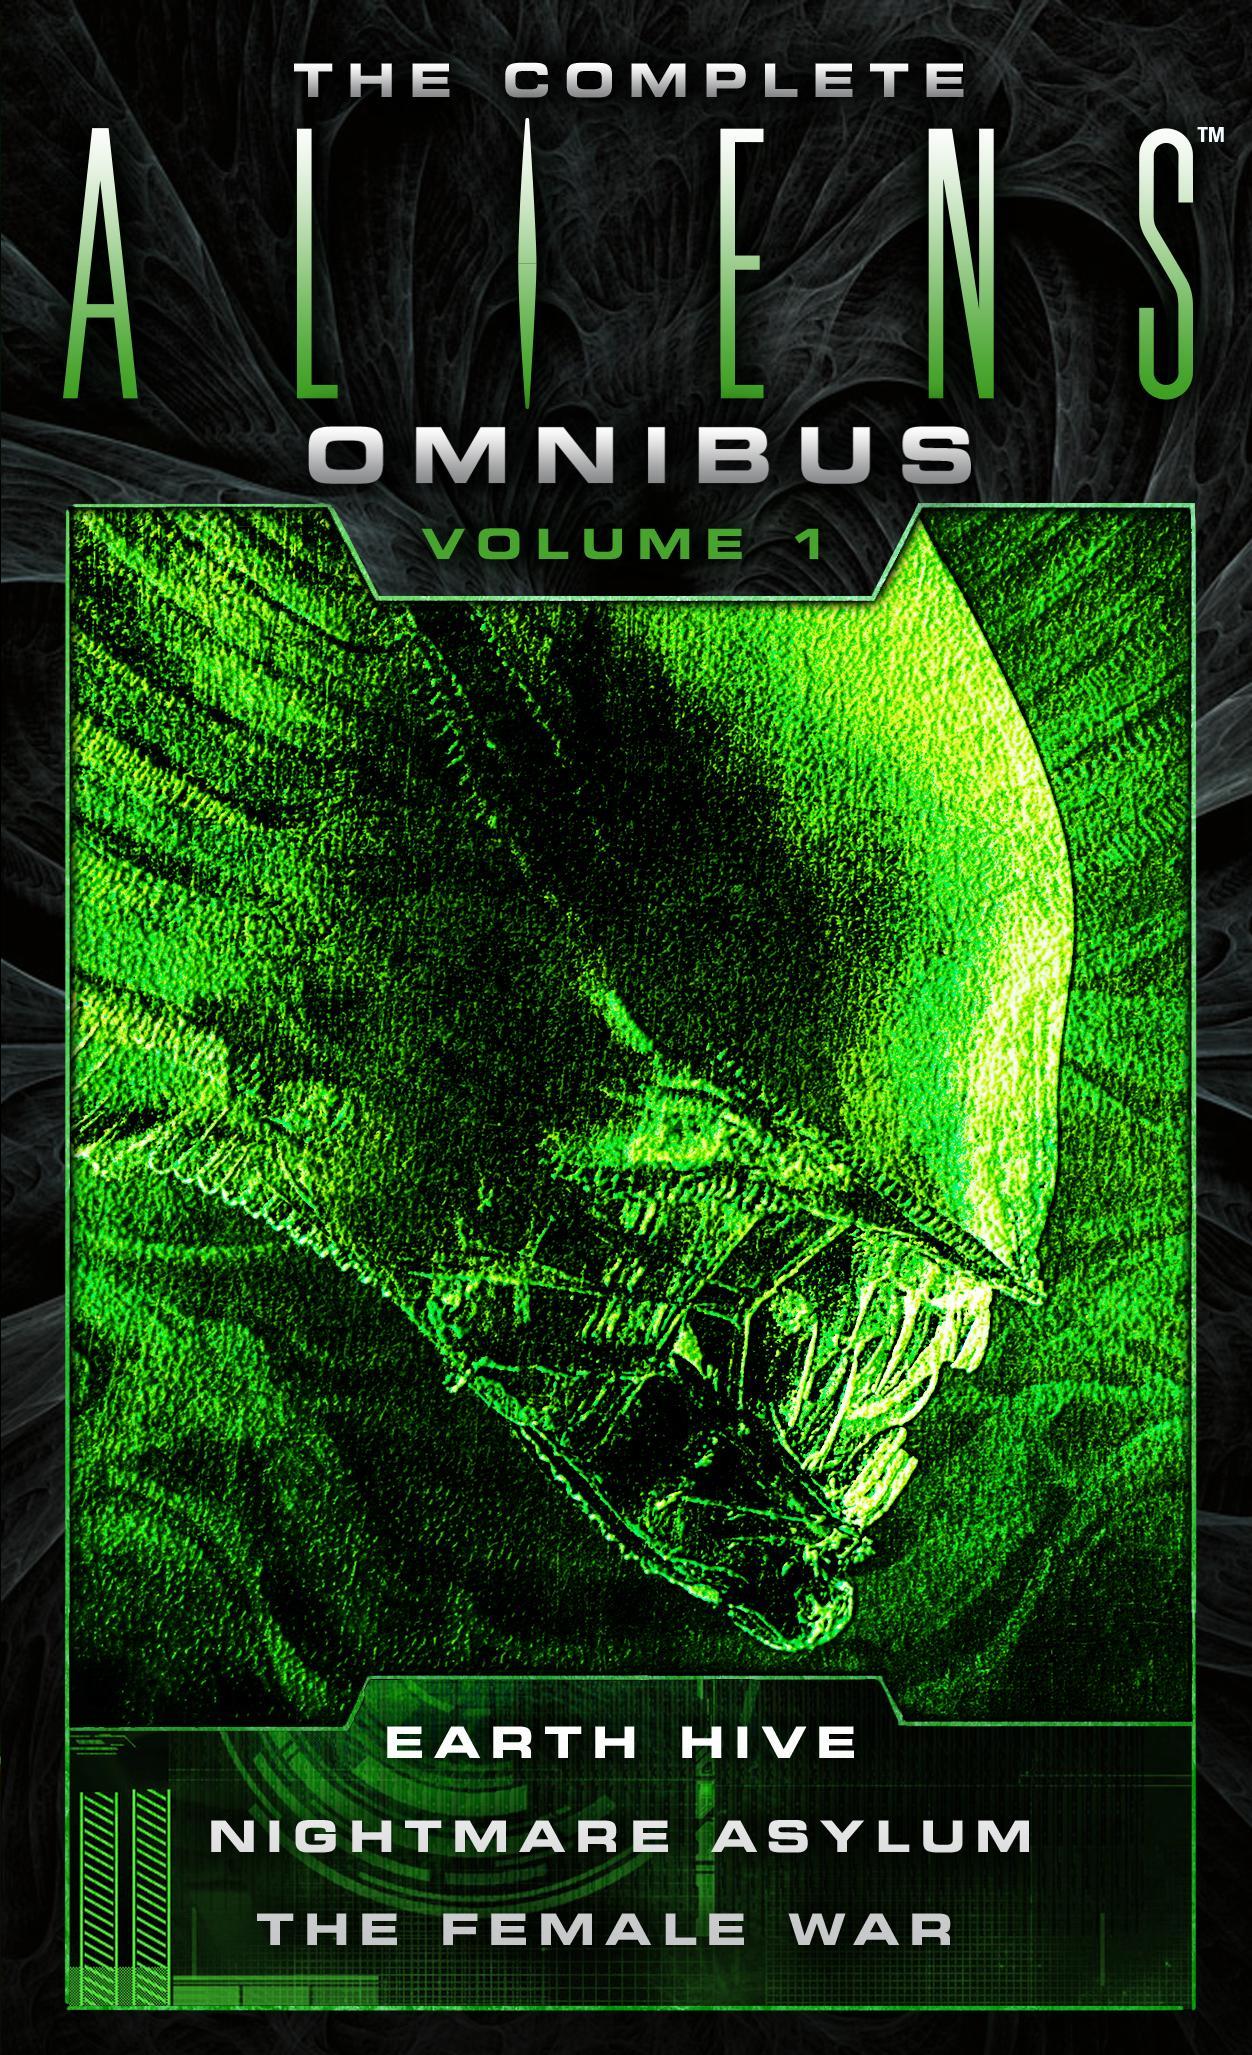 The Complete Aliens Omnibus - Vol. 1